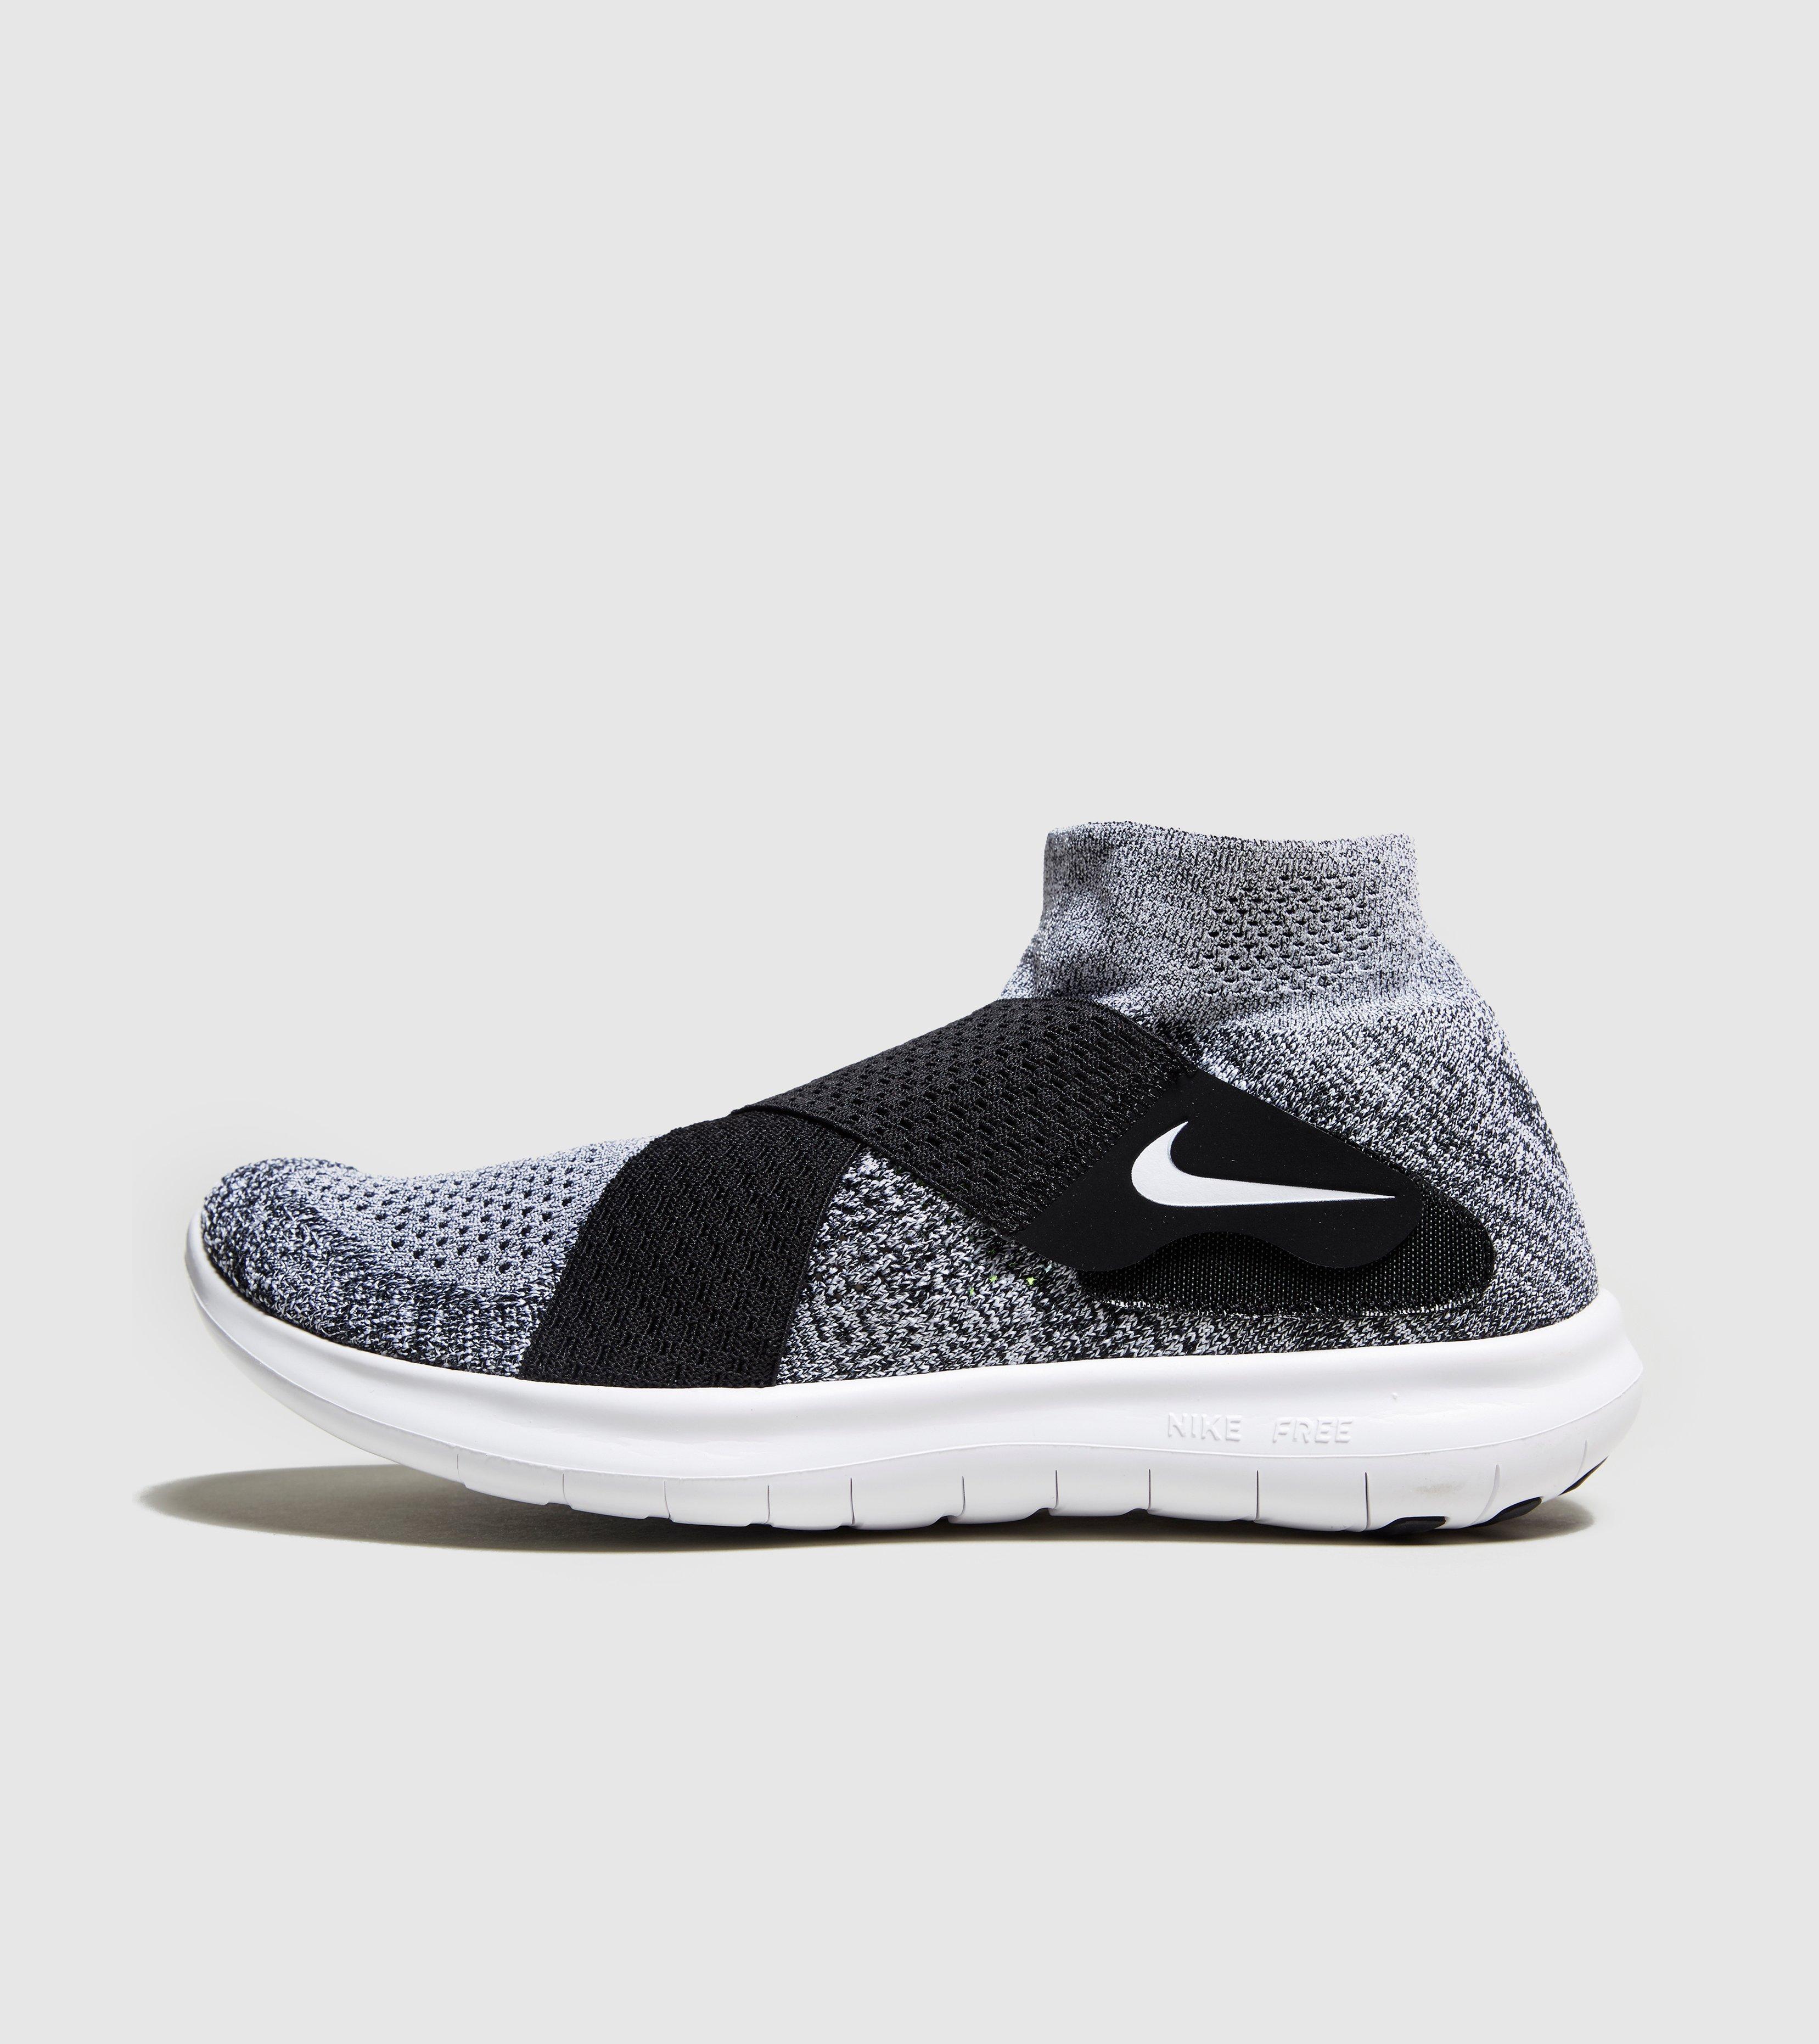 Nike Free Run Flyknit 2 2014 en ligne vente magasin d'usine jibJi